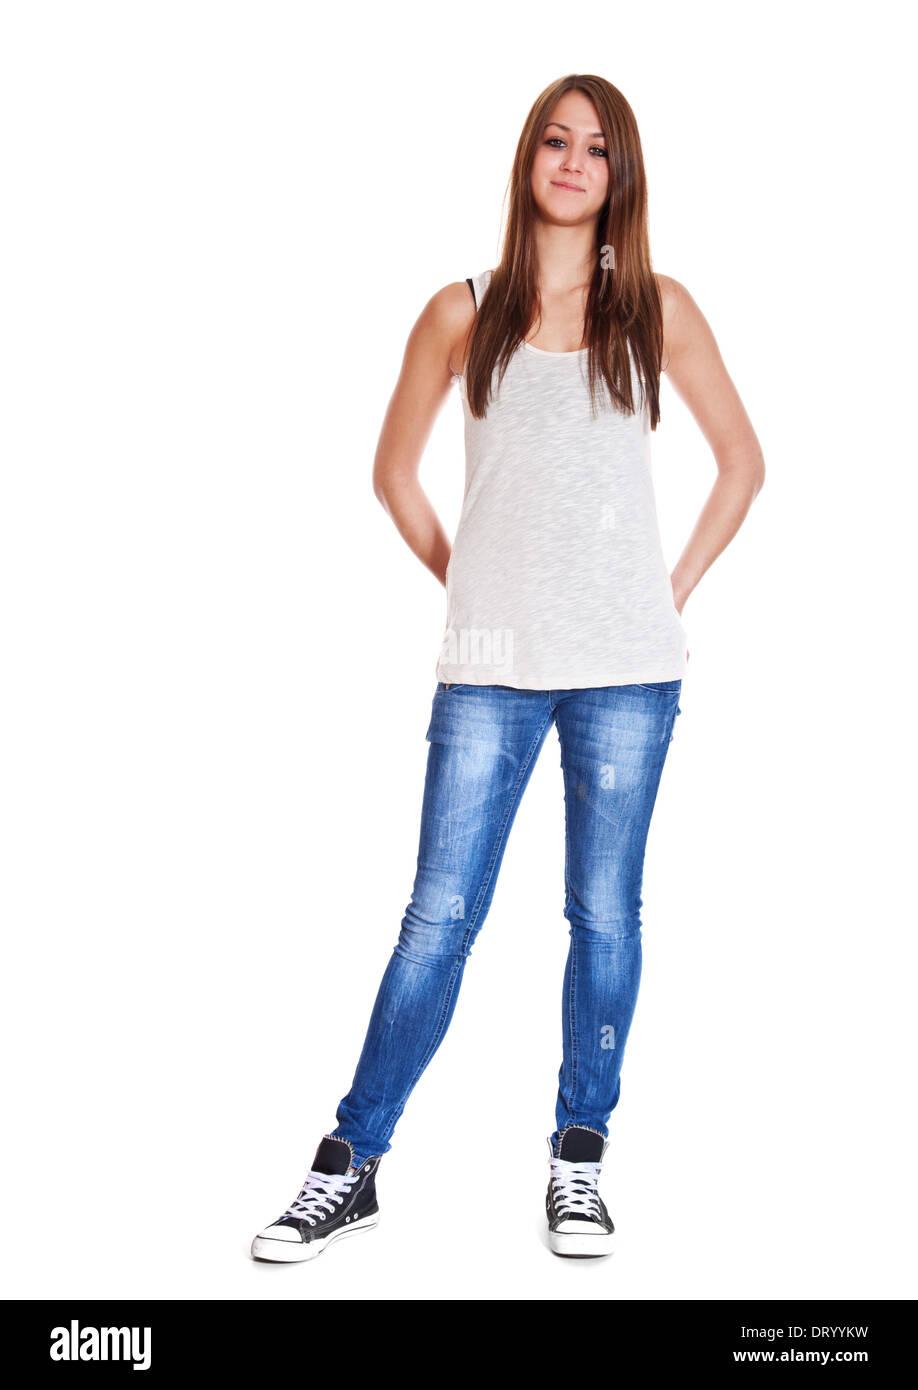 A piena lunghezza shot di un attraente giovane donna. Tutto su sfondo bianco. Immagini Stock